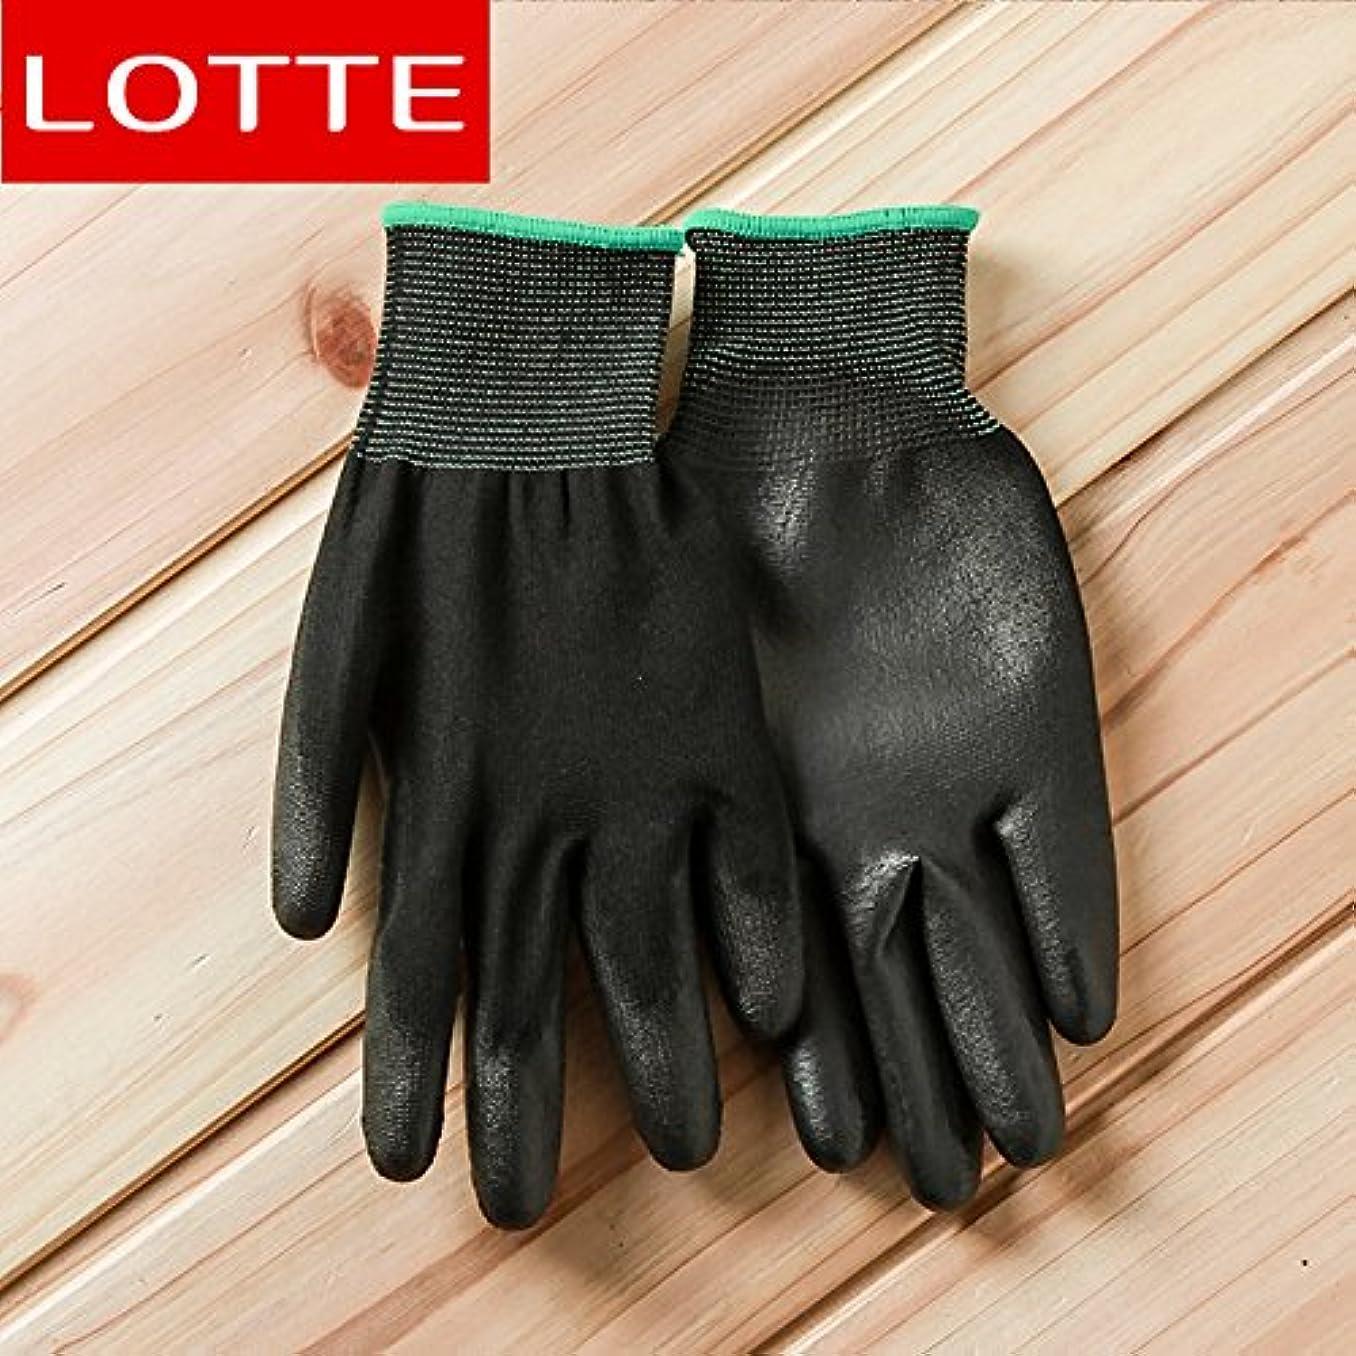 タイプ工夫するバラバラにするVBMDoM ロッテのPUパームコーティング作業手袋(黒/中型) x 5個 [並行輸入品]